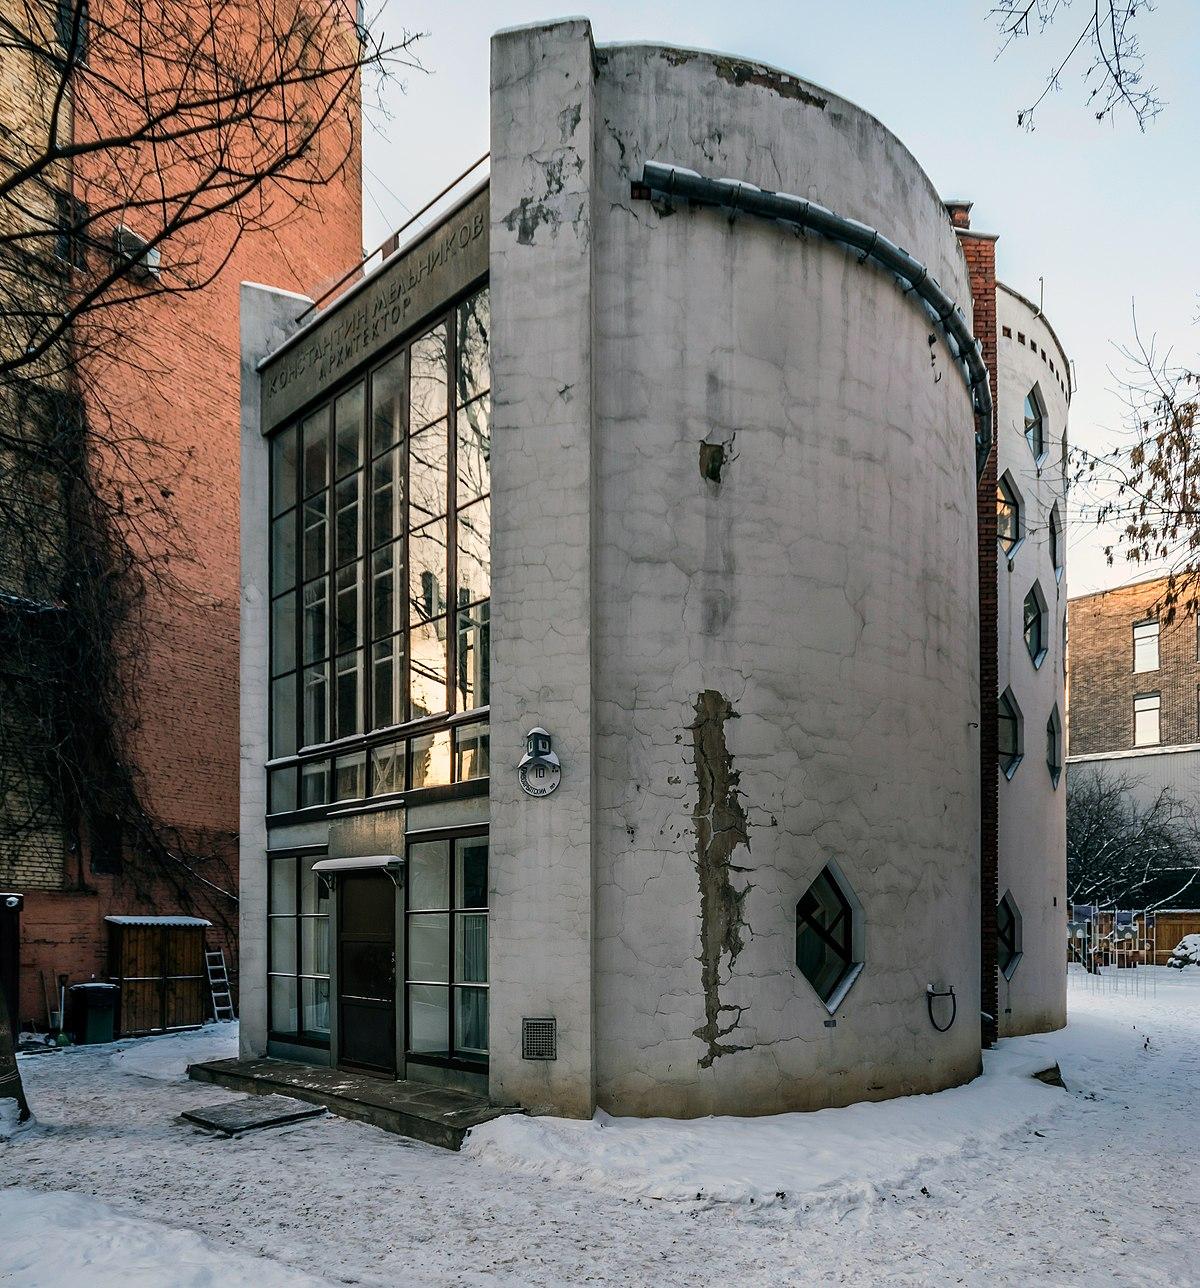 Документы для кредита в москве Кривоарбатский переулок срок давности справки 2 ндфл